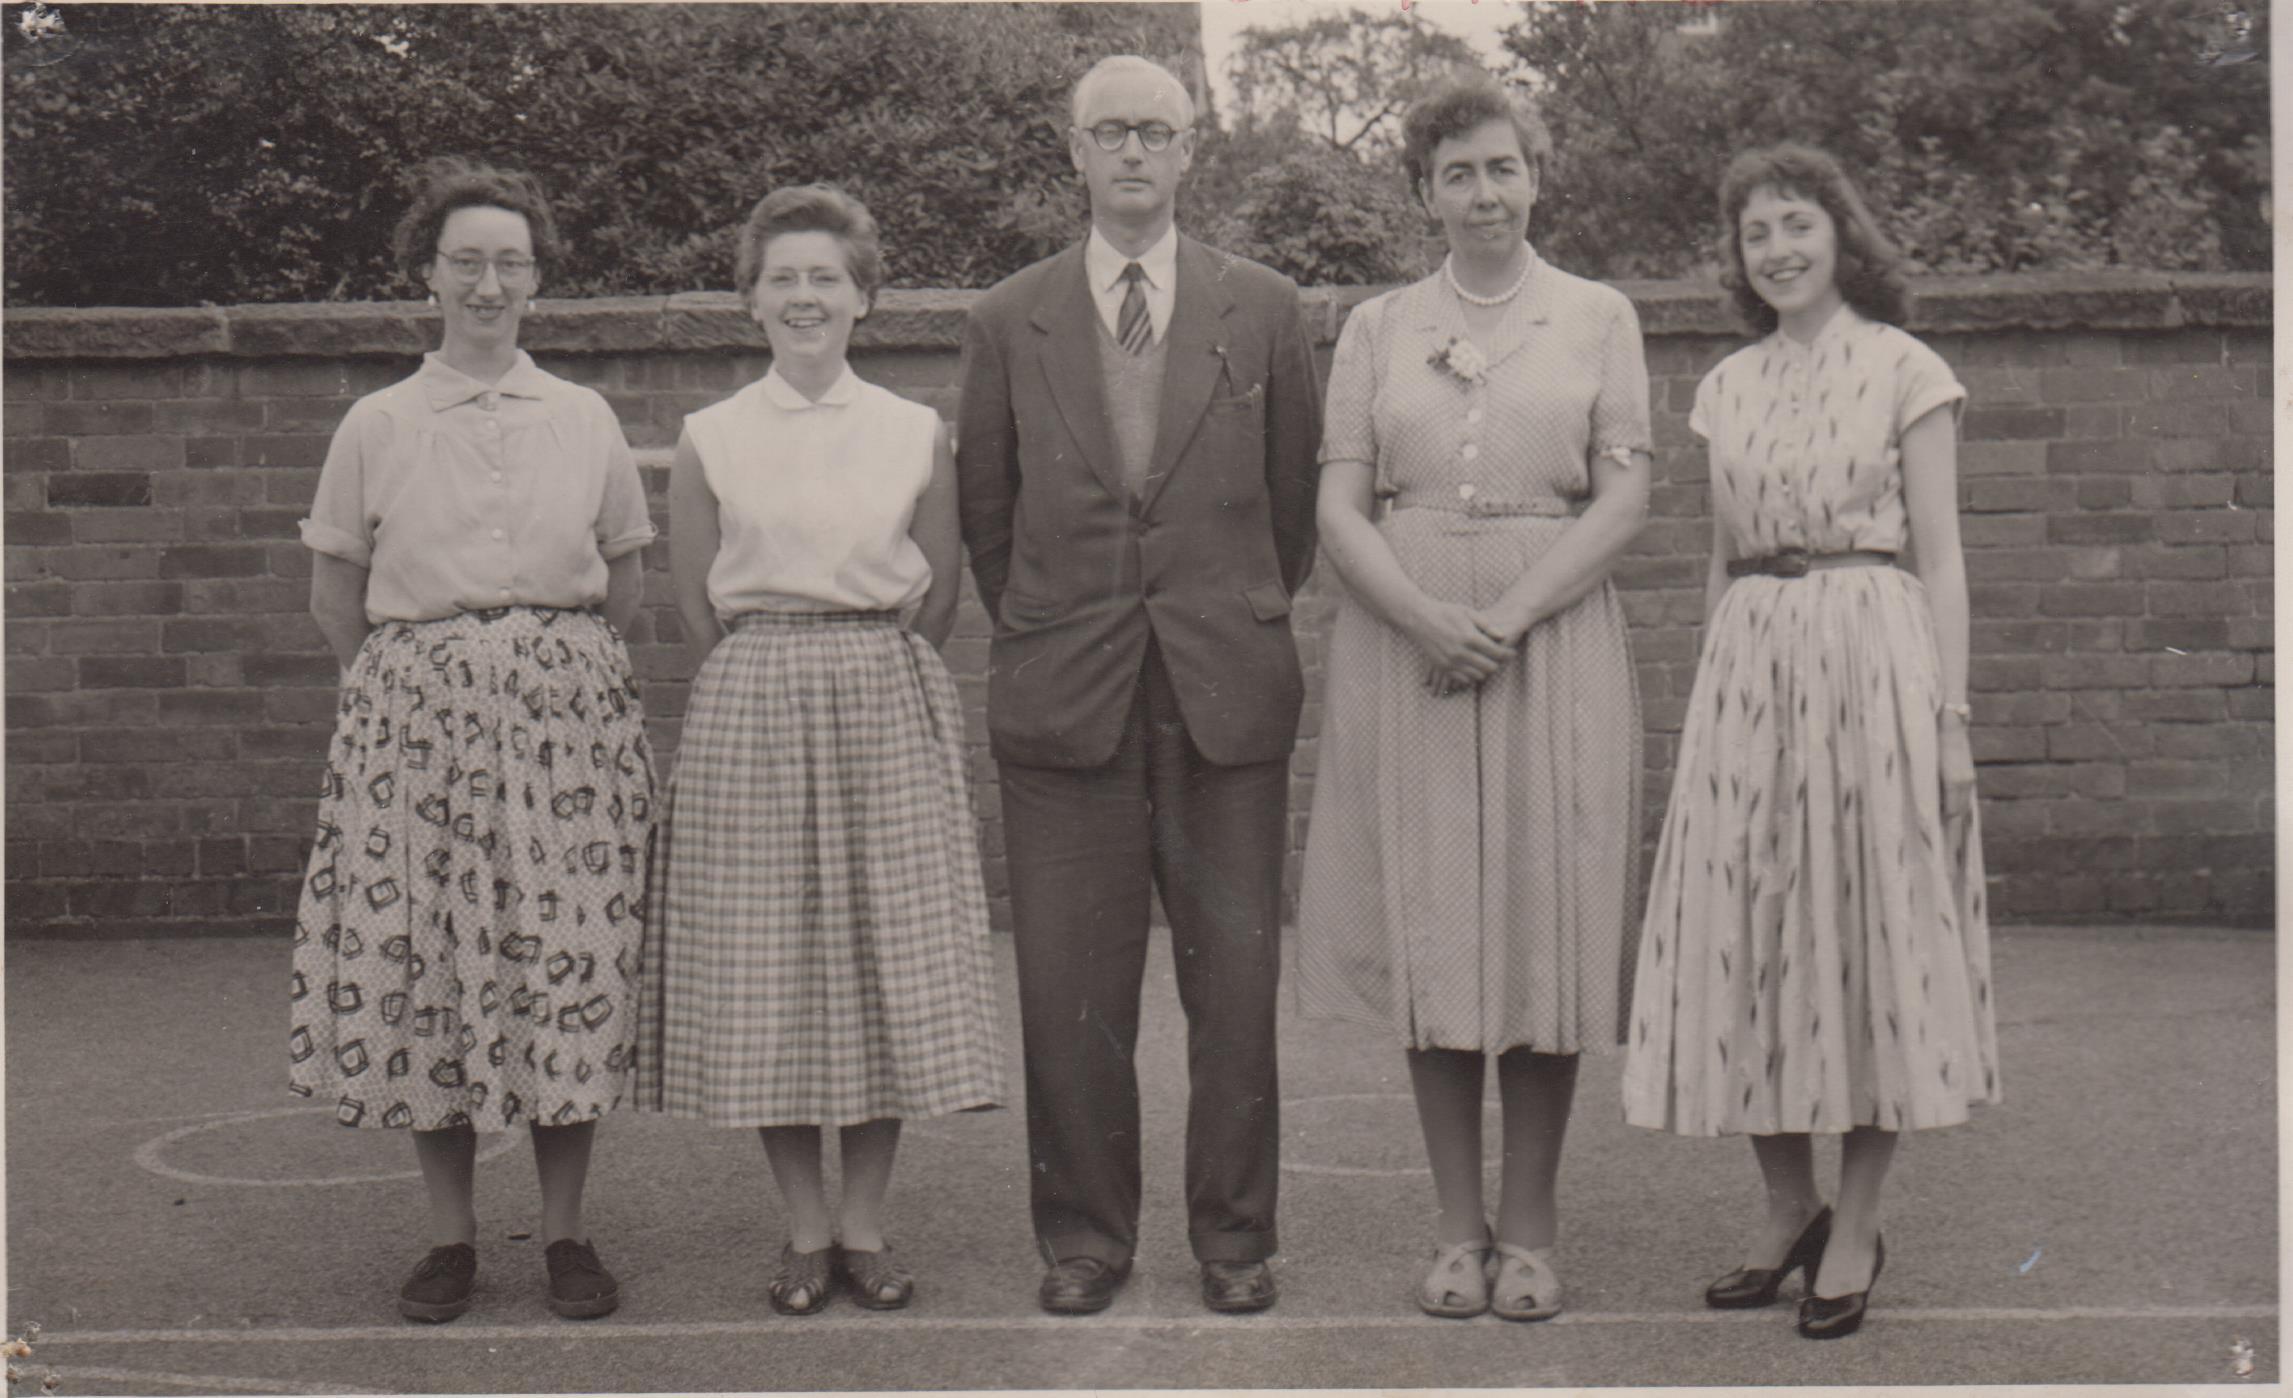 school_teachers_summer_1956_001.jpg